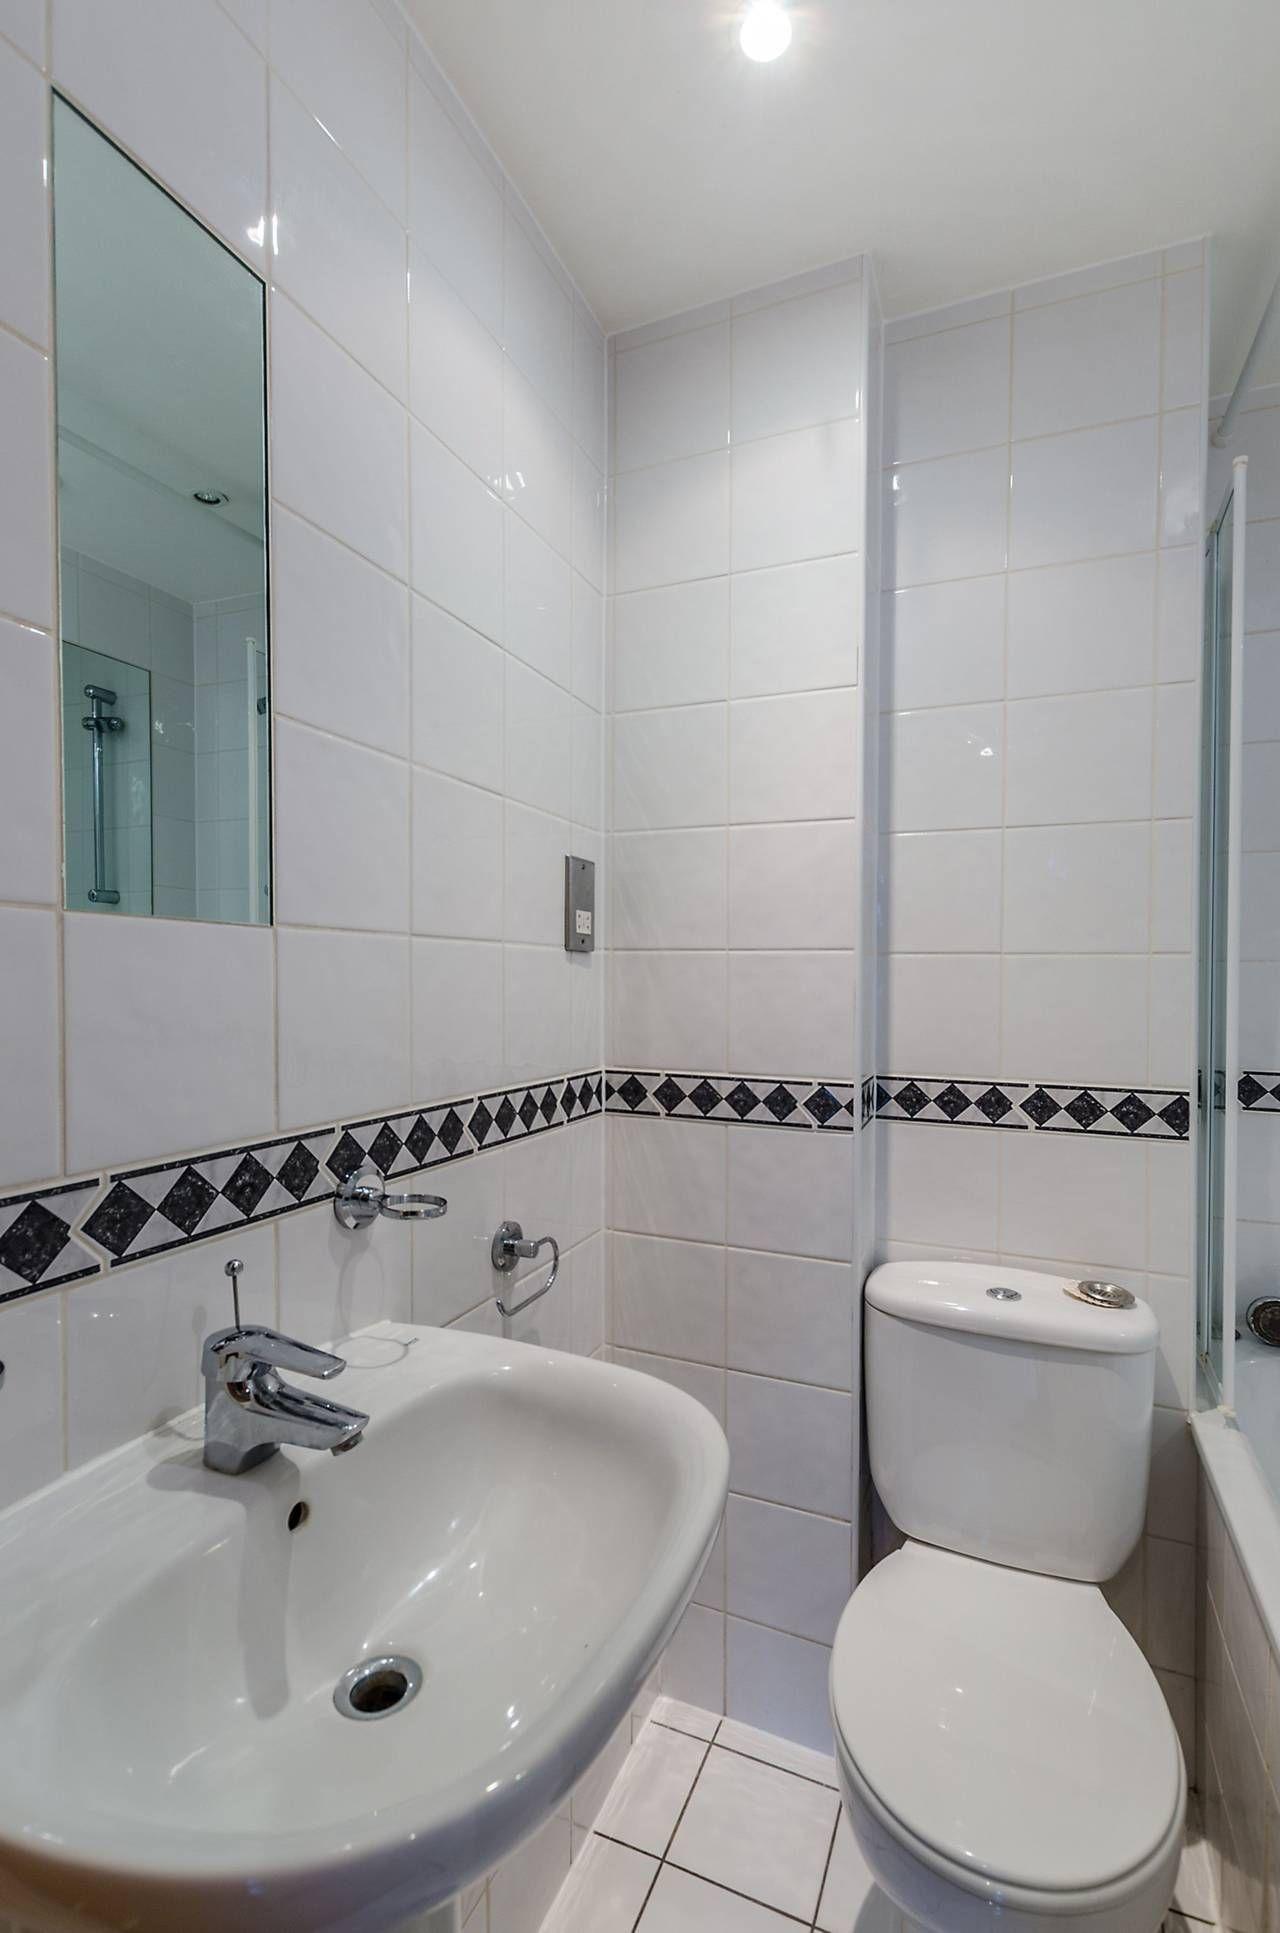 2 Bedroom Flat To Rent Nwhm Lyon Road Harrow Ha1 2ex